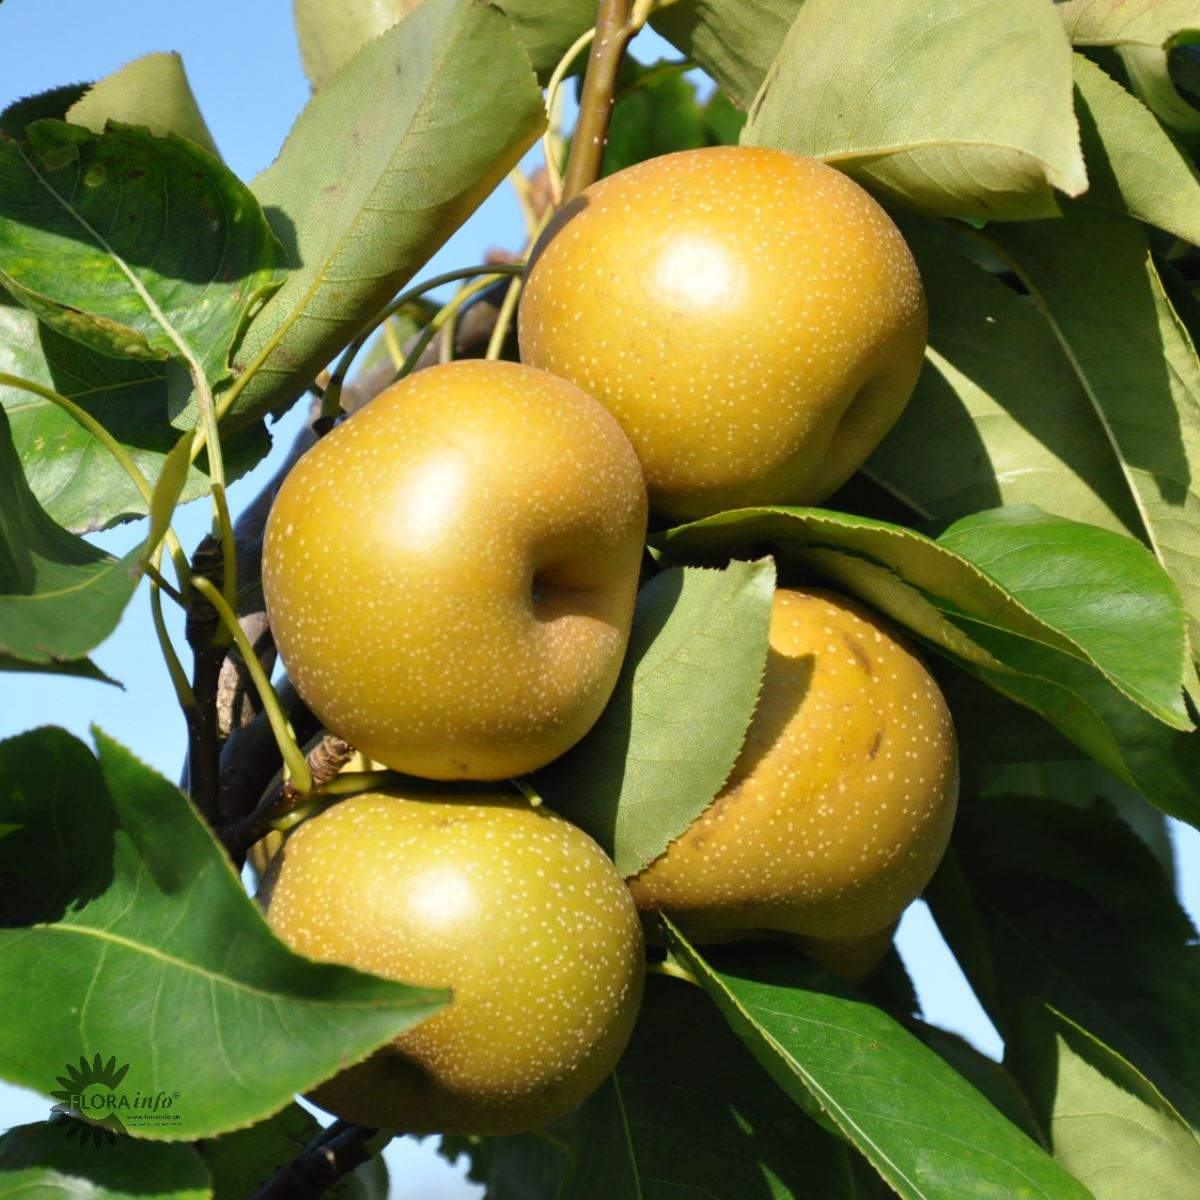 Kumoi asiatisk pære